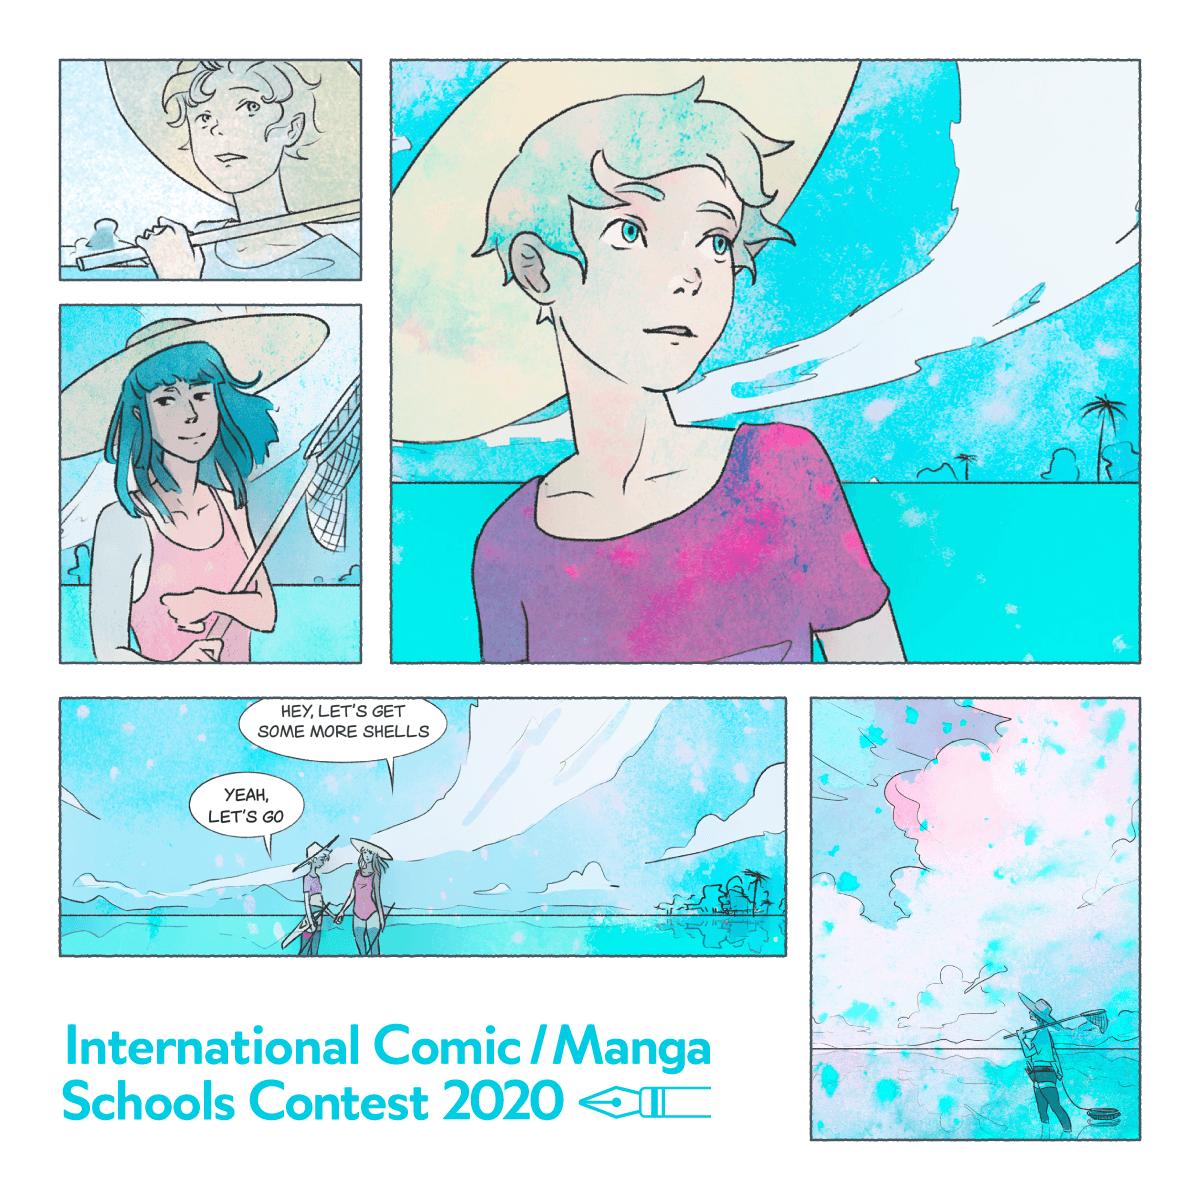 Международный конкурс комиксов и школ манга 2020